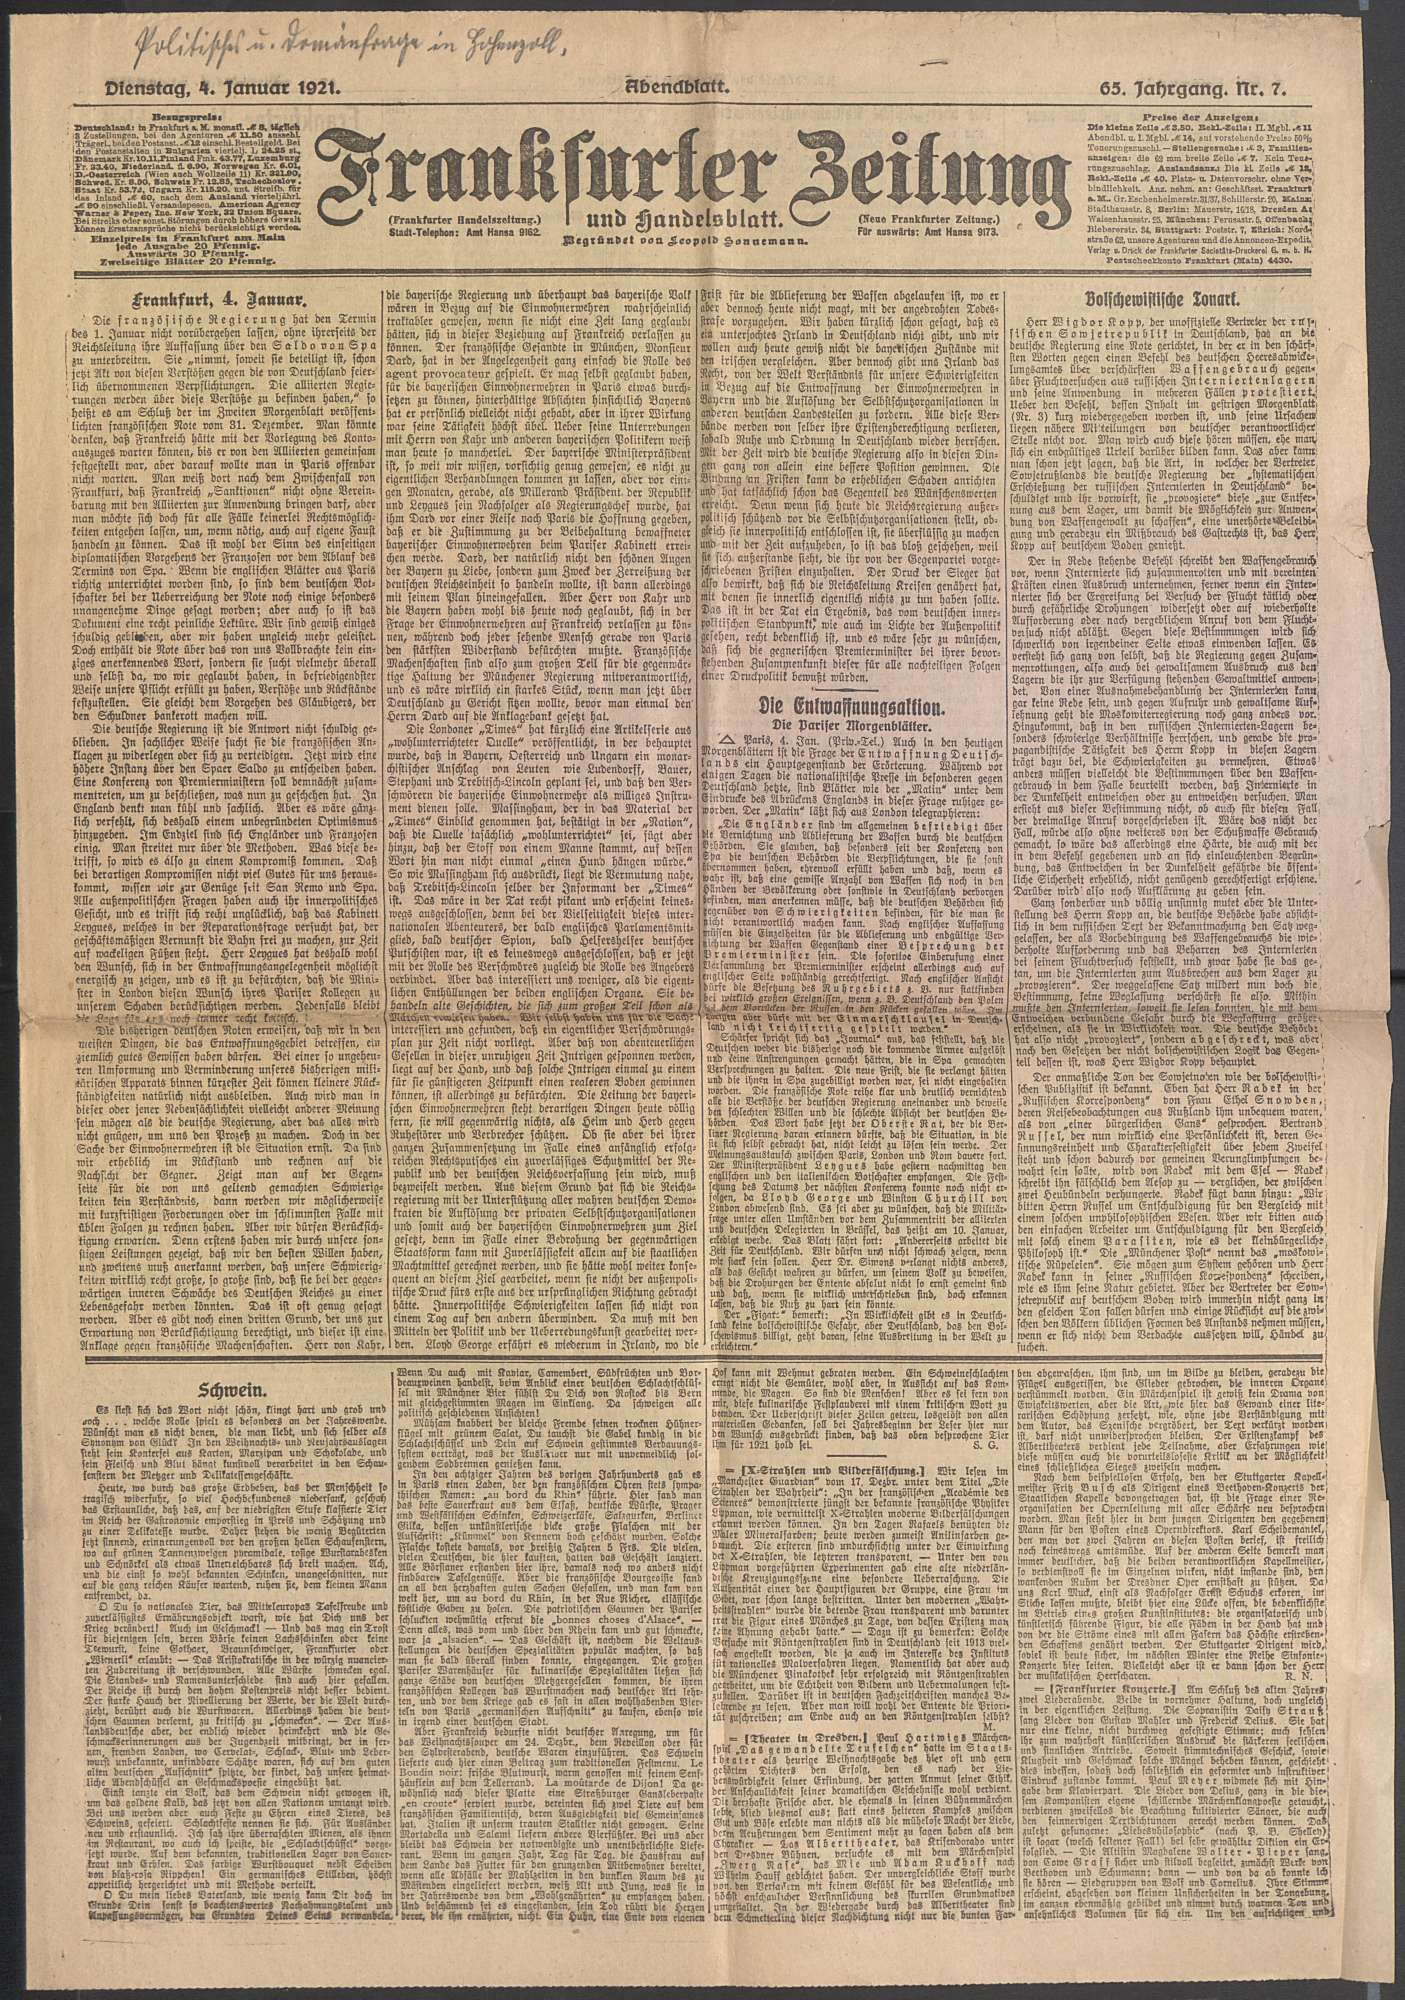 """Pressestimmen über die politische Umwälzung, speziell über die """"Domänenfrage in Hohenzollern"""", Bild 1"""